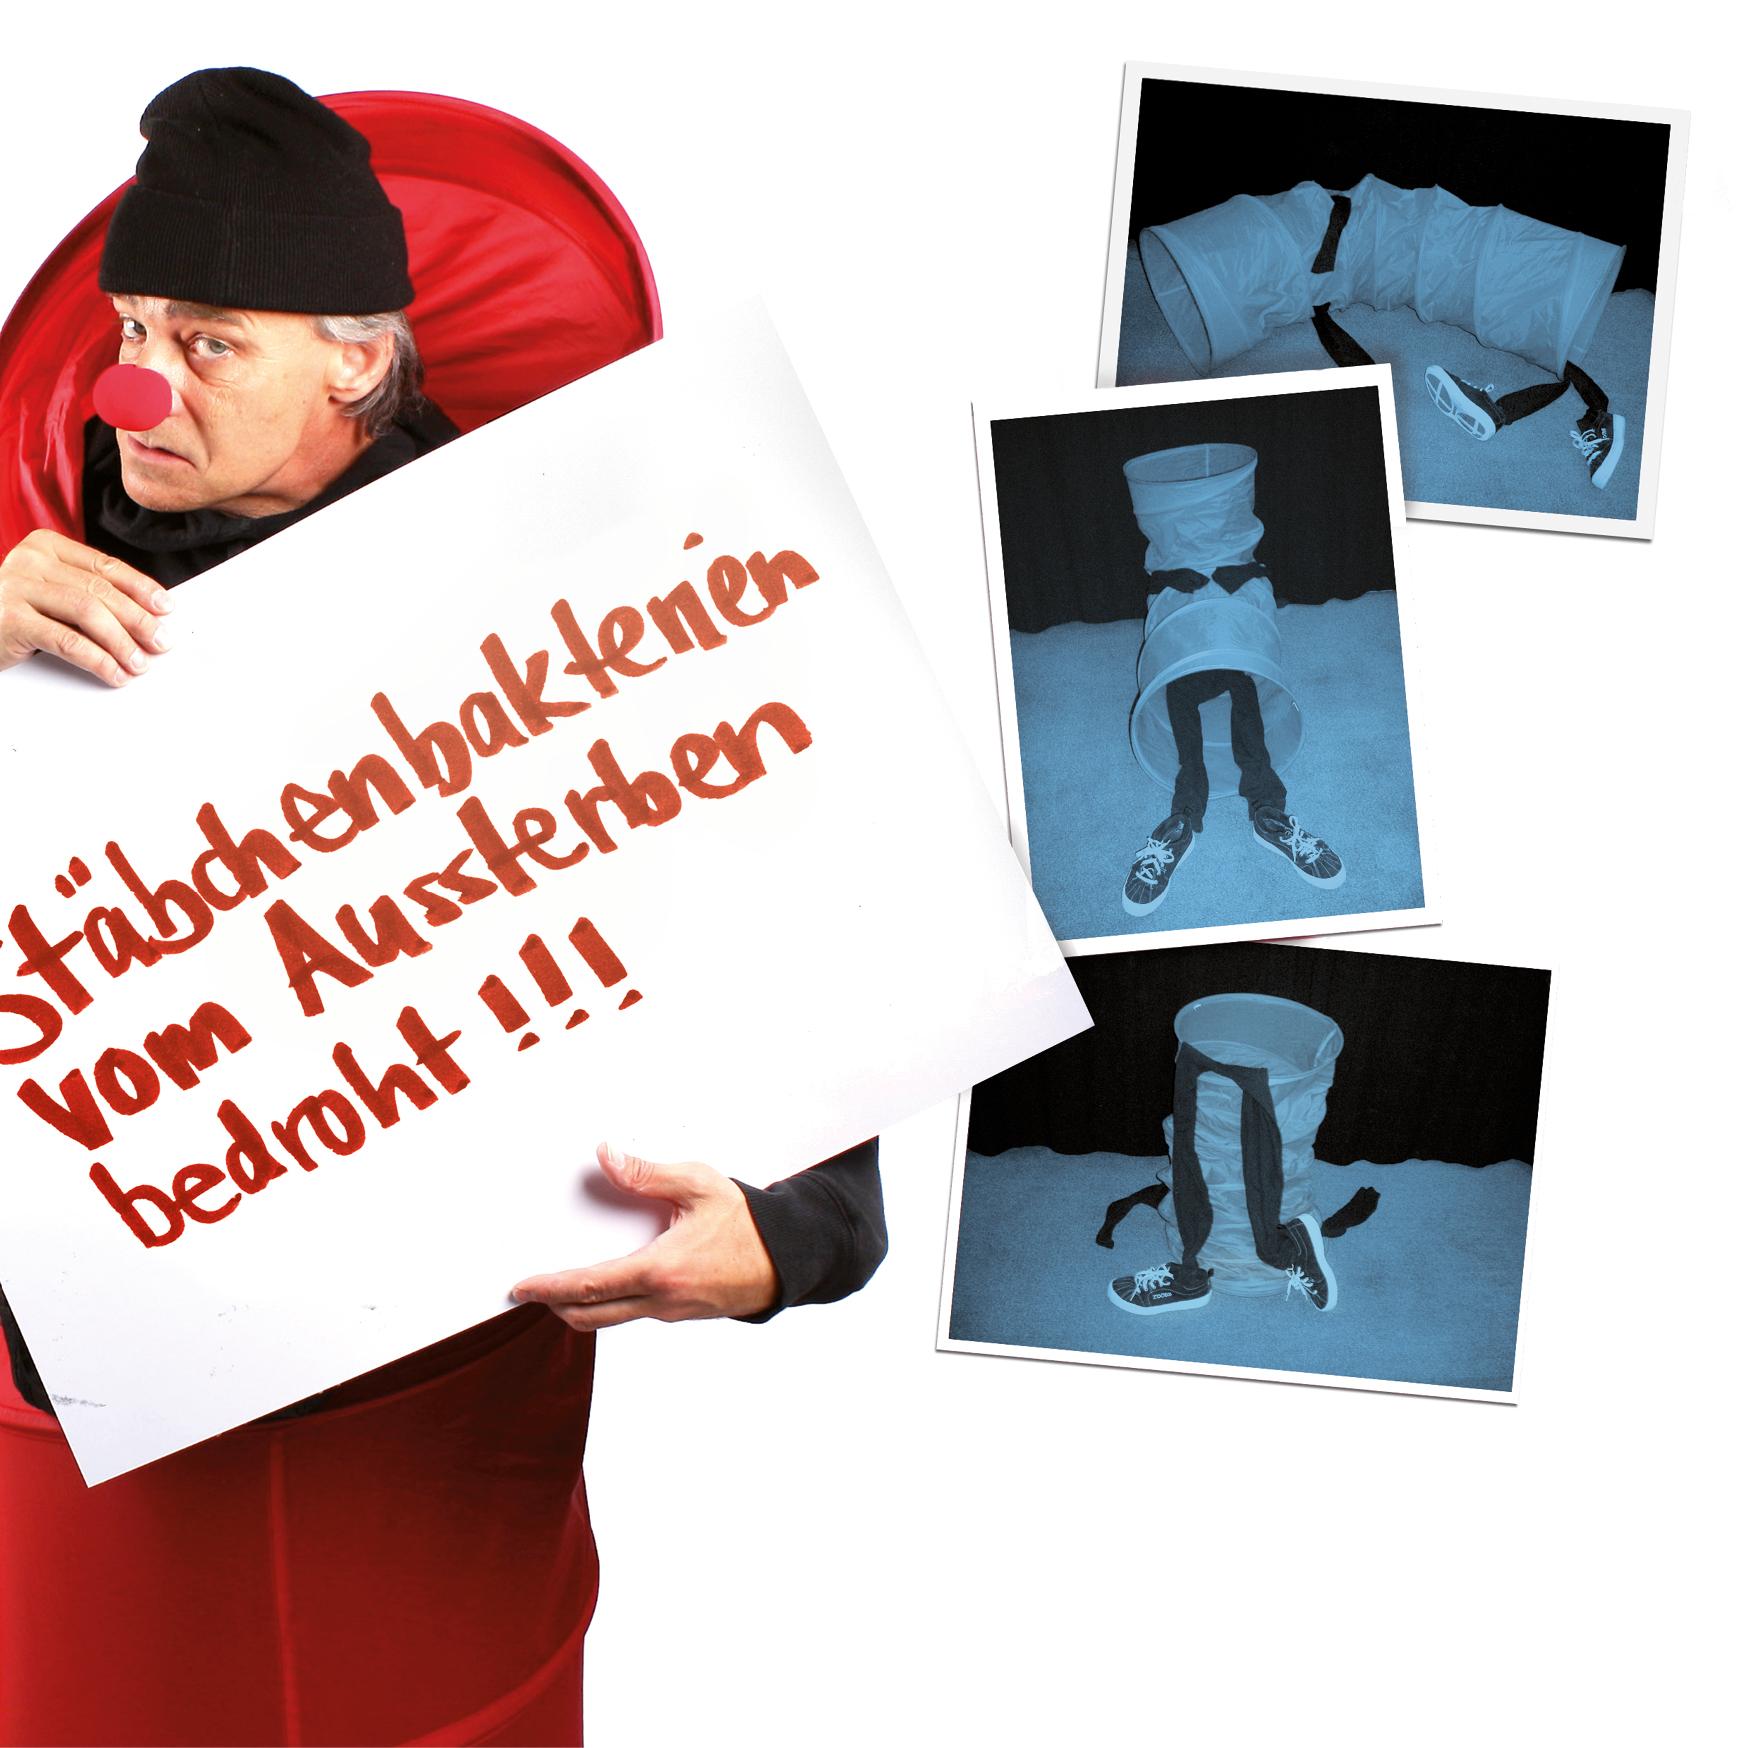 e3_82_Tschesli_Broschüre_Händehygiene4.jpg